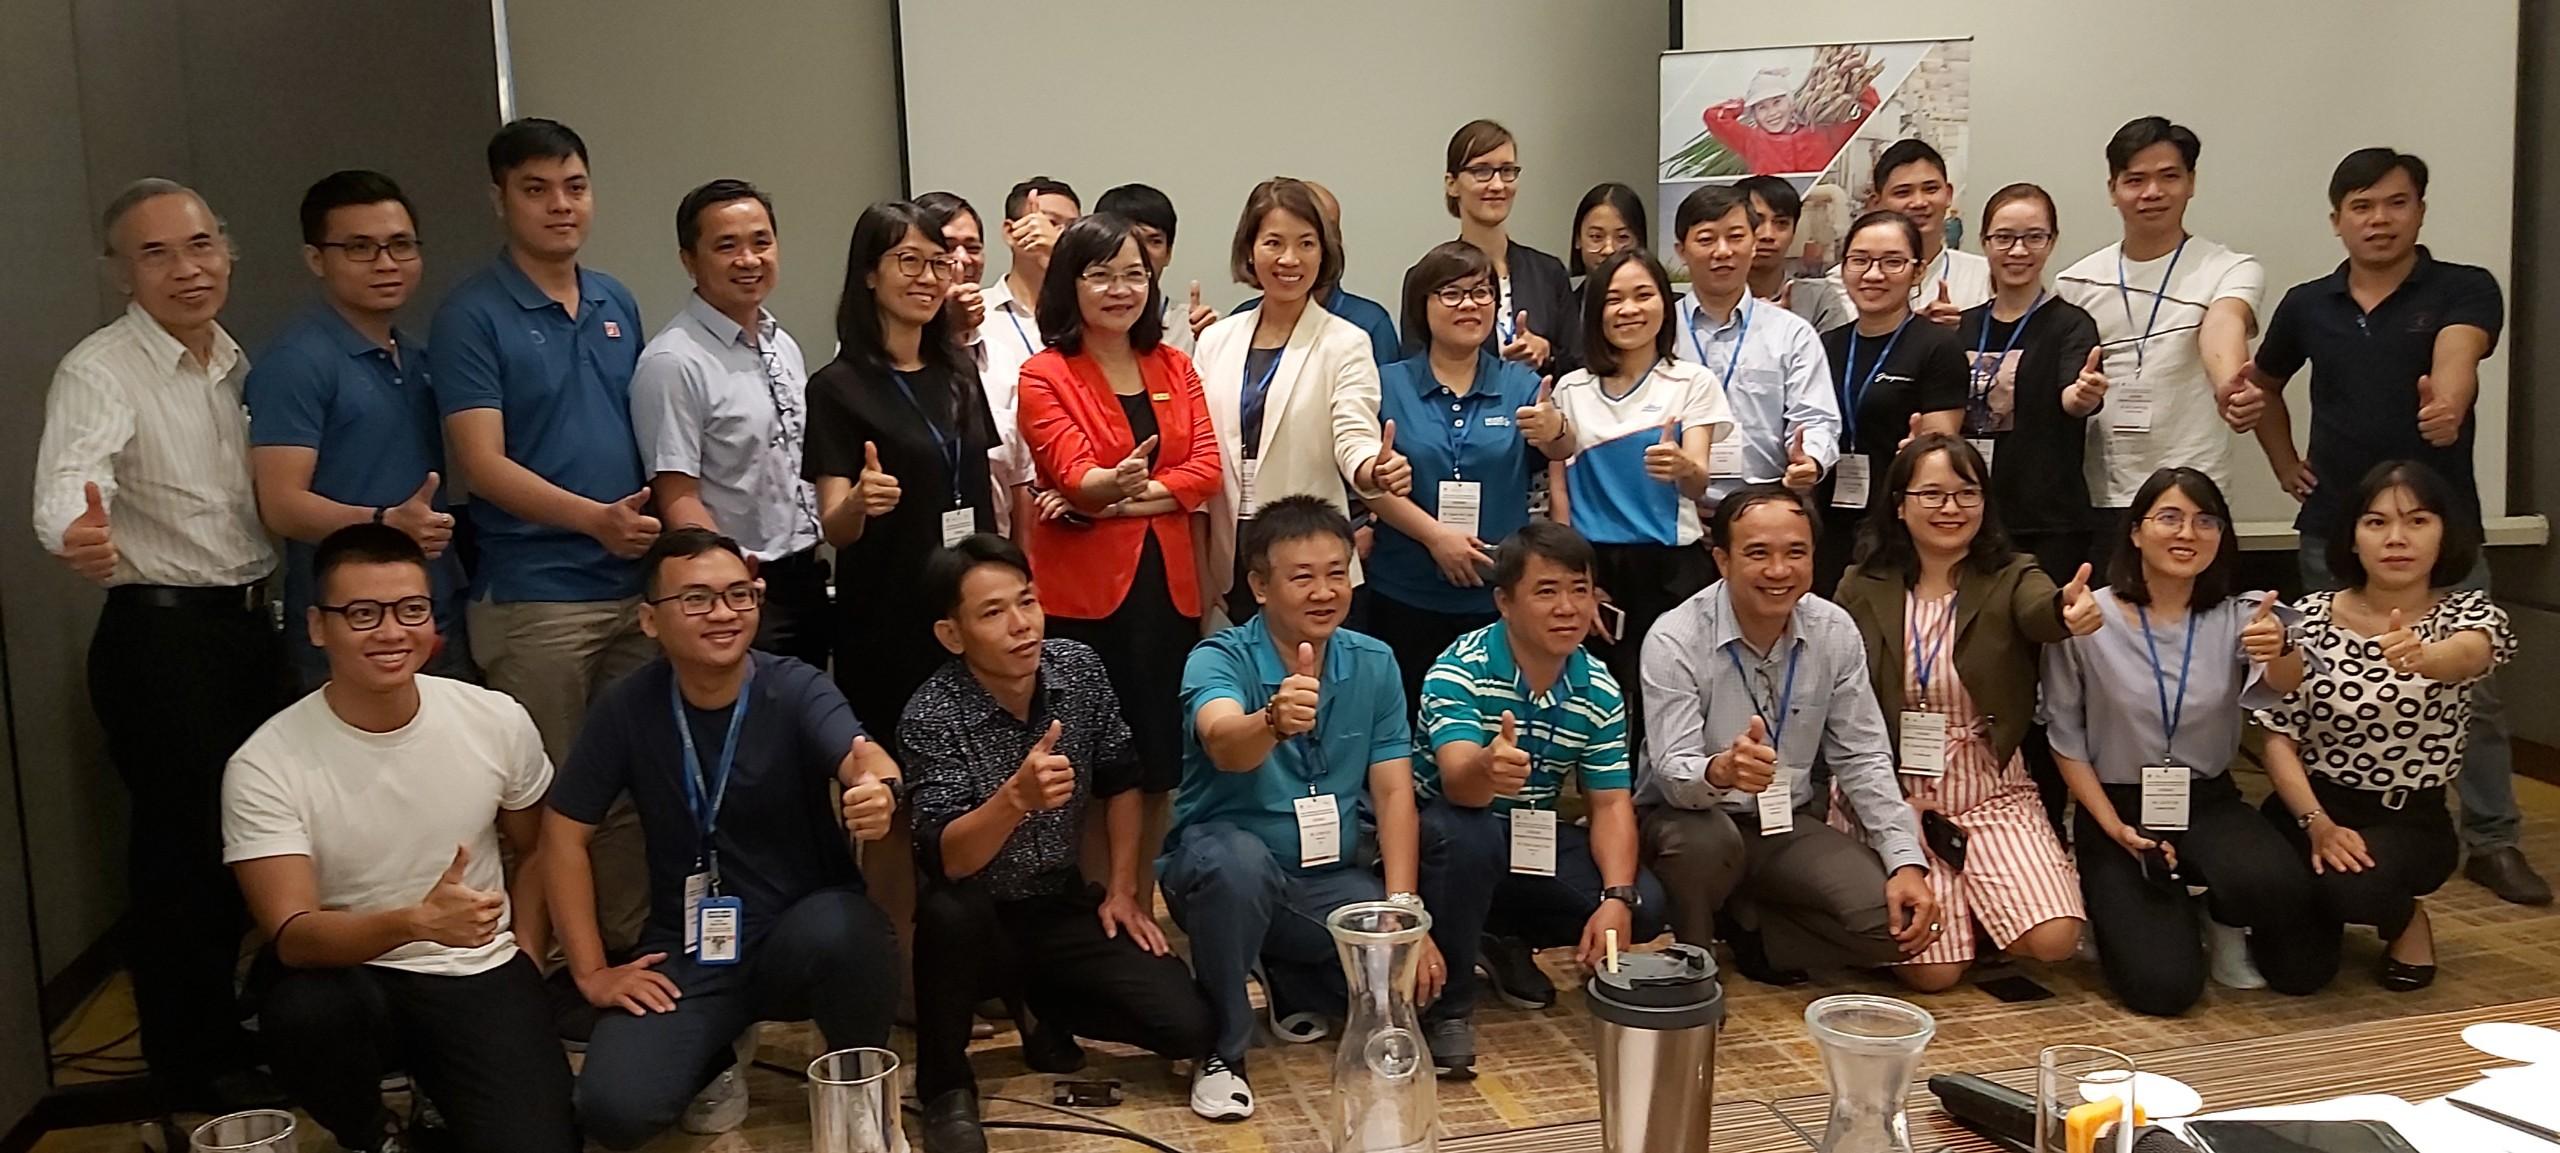 Hội thảo chuyển đổi nhiên liệu trong công nghệ lò hơi được tổ chức tại TP. HCM